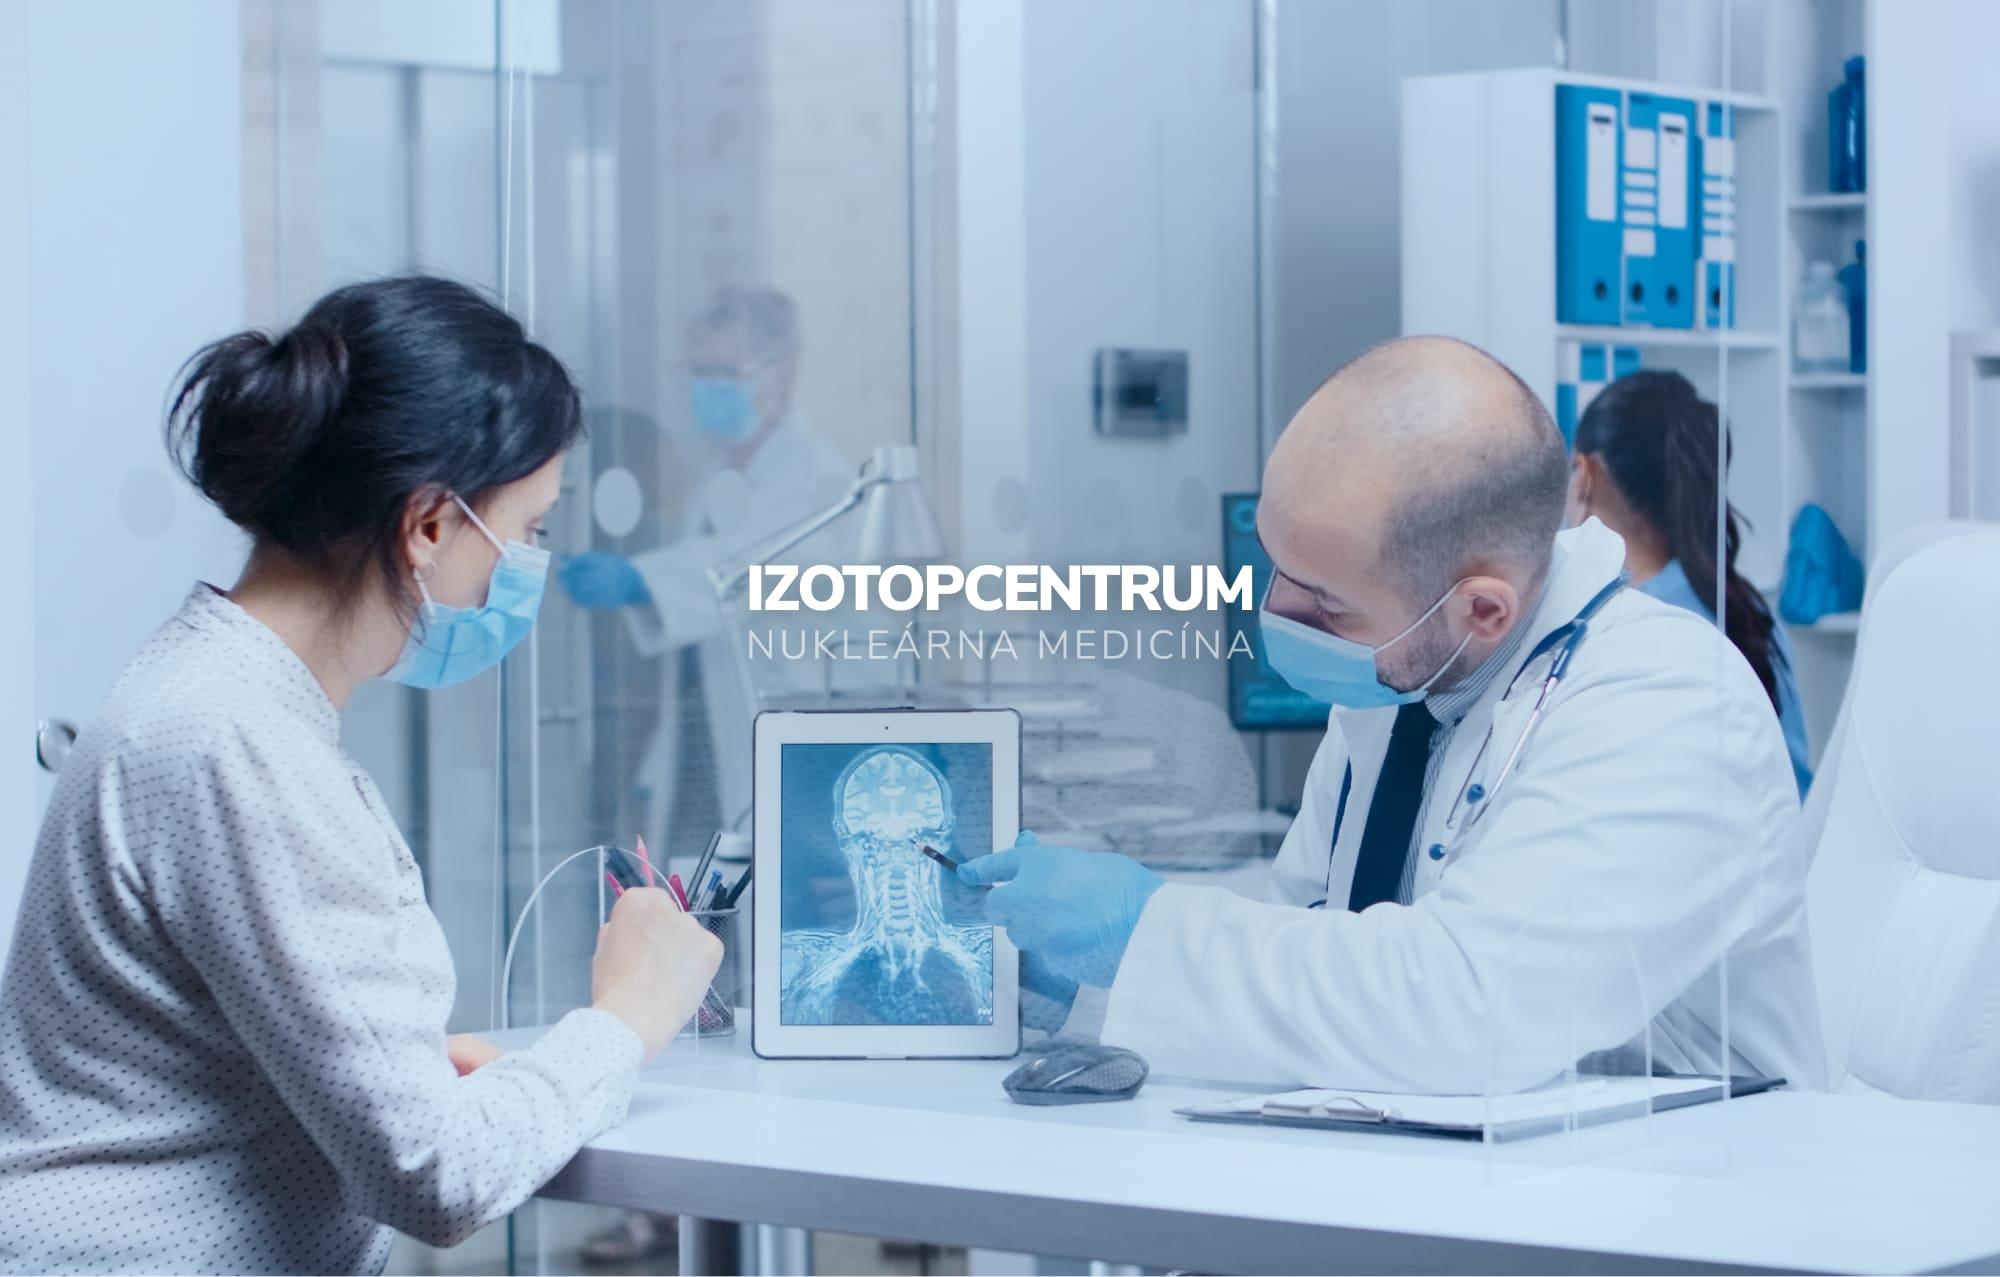 Informačný systém pre nukleárnu medicínu